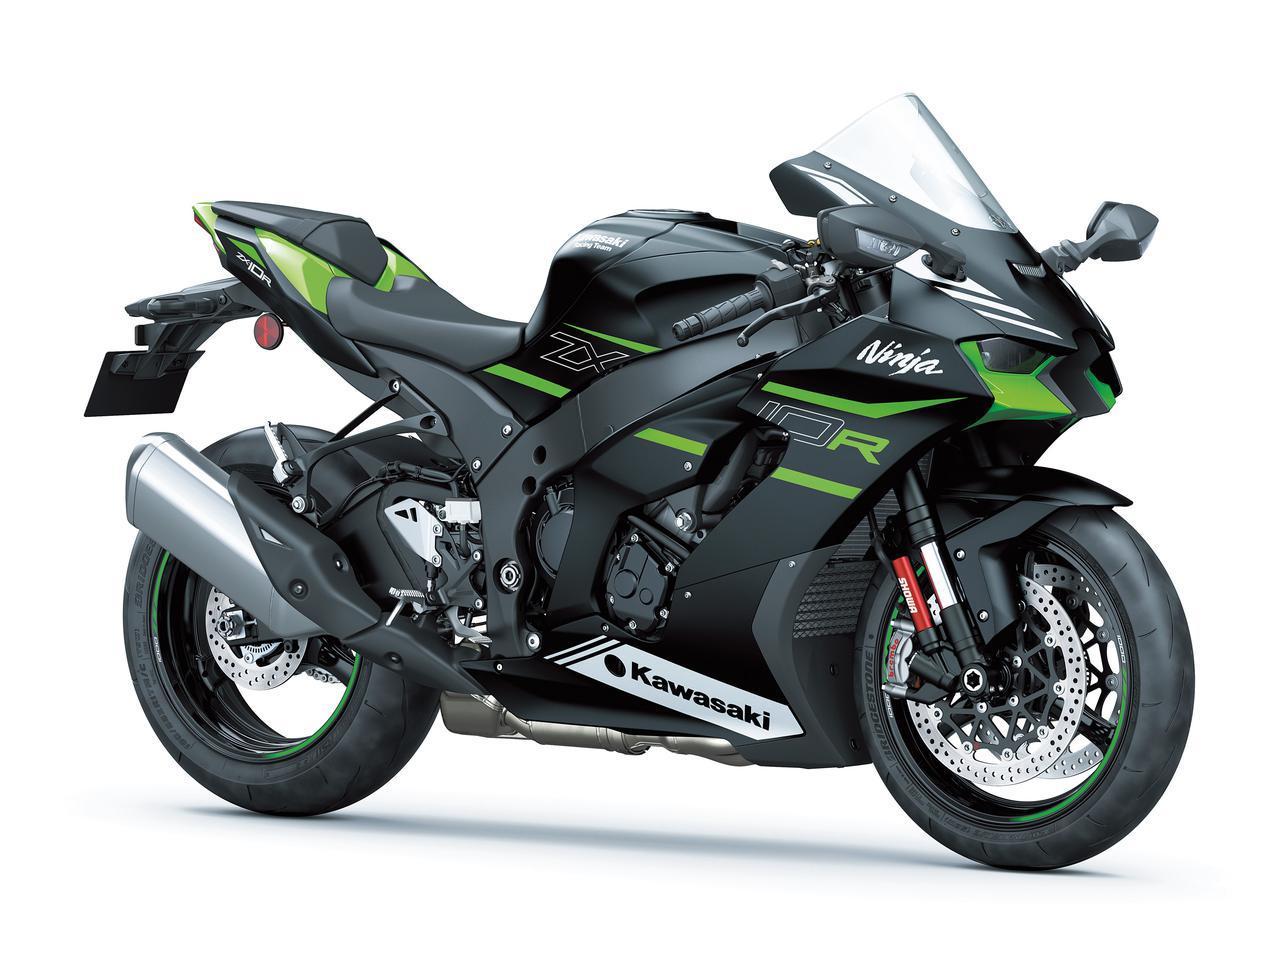 画像: Kawasaki Ninja ZX-10R 2021年モデル 総排気量:998cc エンジン形式:水冷4ストDOHC4バルブ並列4気筒 最高出力:149kW(203PS)/13200rpm ラムエア加圧時156.8kW(213.1PS)/13200rpm シート高:835mm 車両重量:207kg 発売日:2021年5月28日予定 メーカー希望小売価格:税込229万9000円